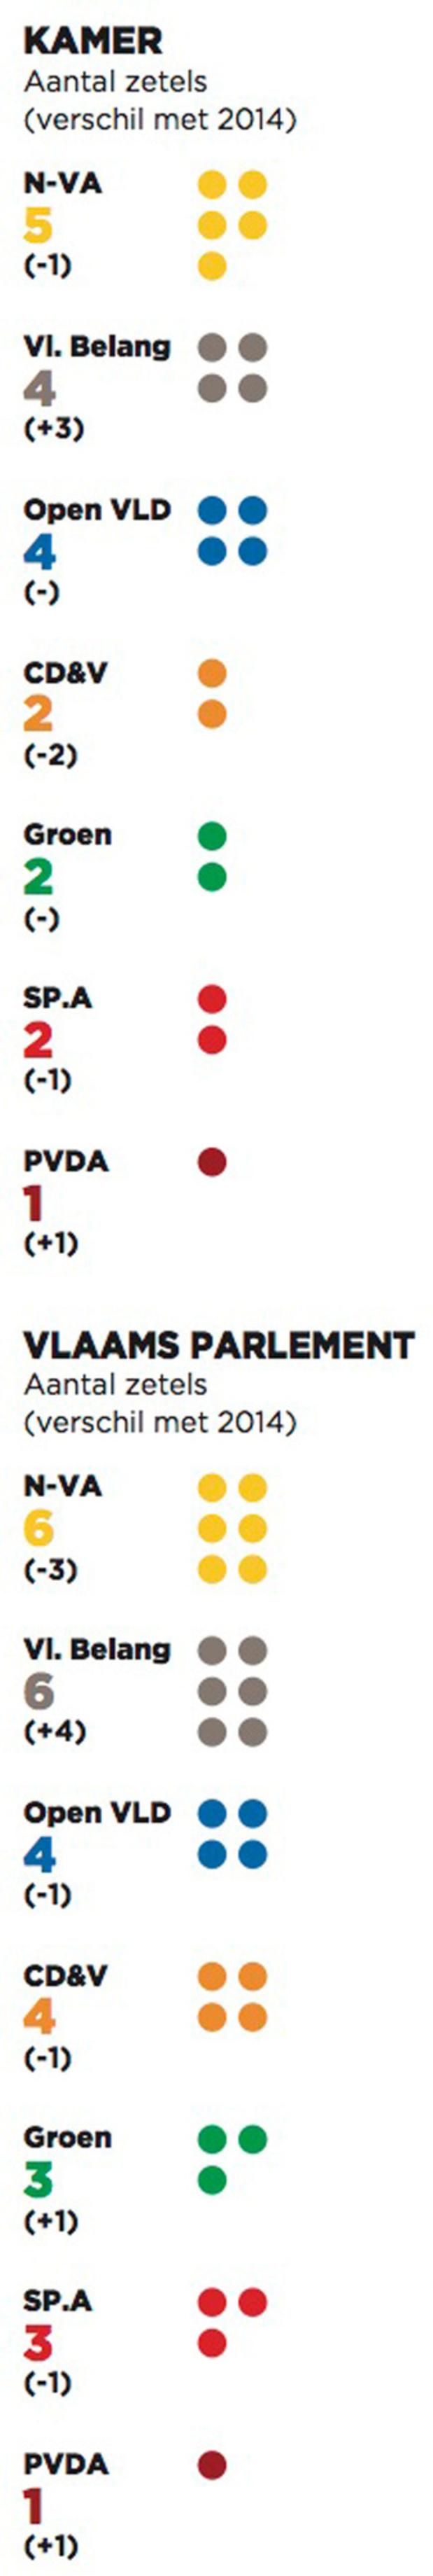 Oost-Vlaanderen: scores federaal en Vlaams